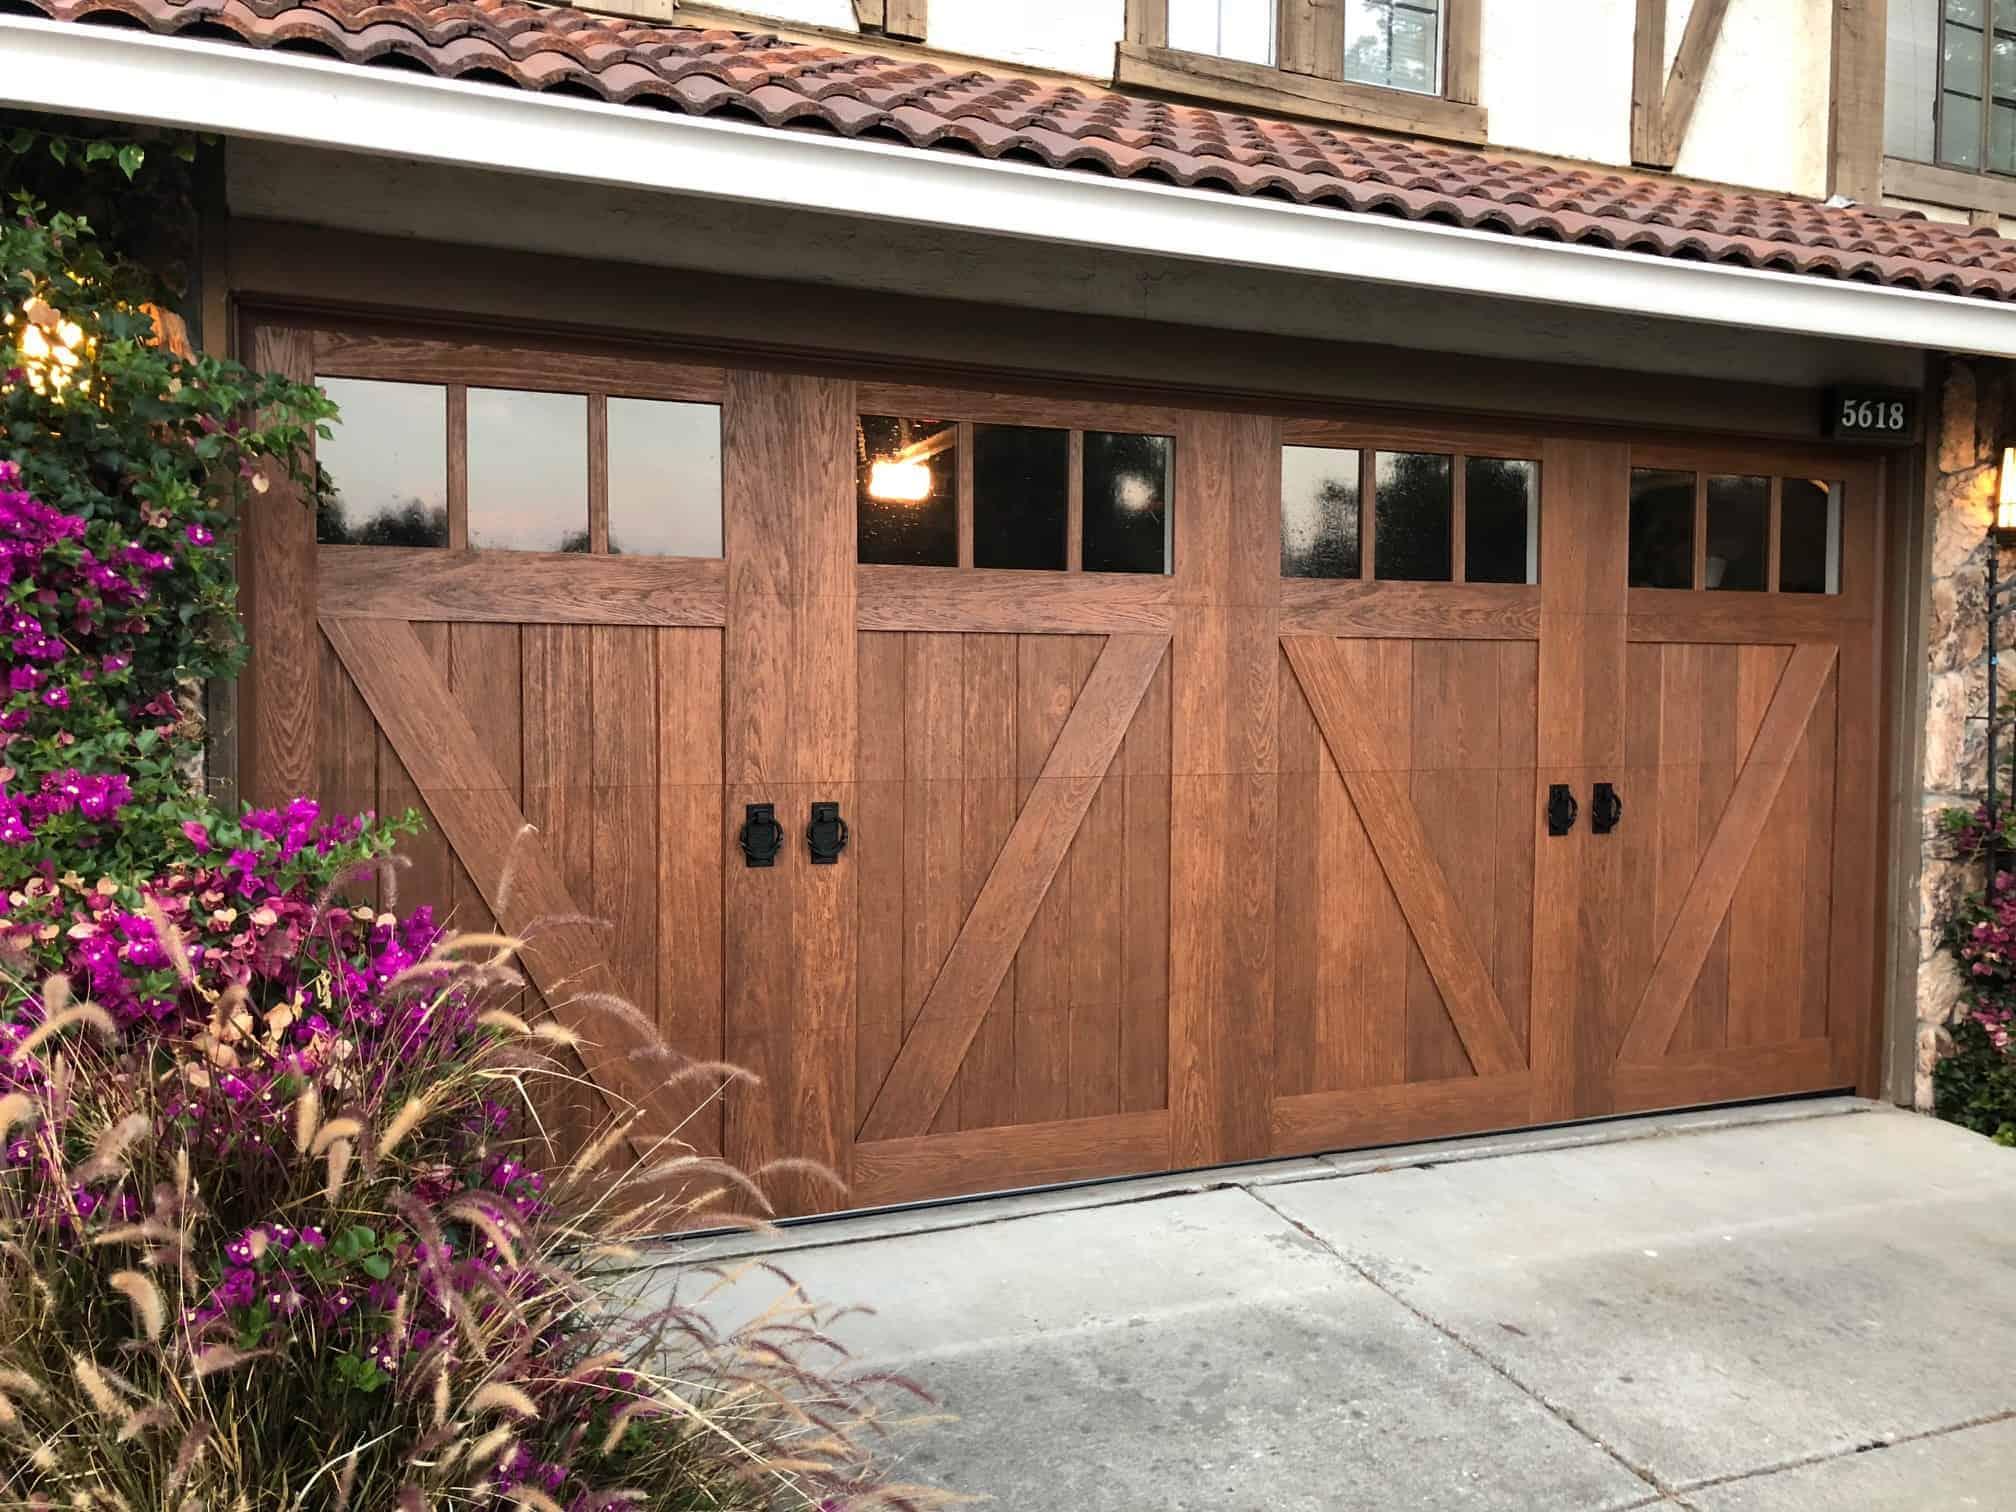 Martell CA Garage Door Repair & Replacement